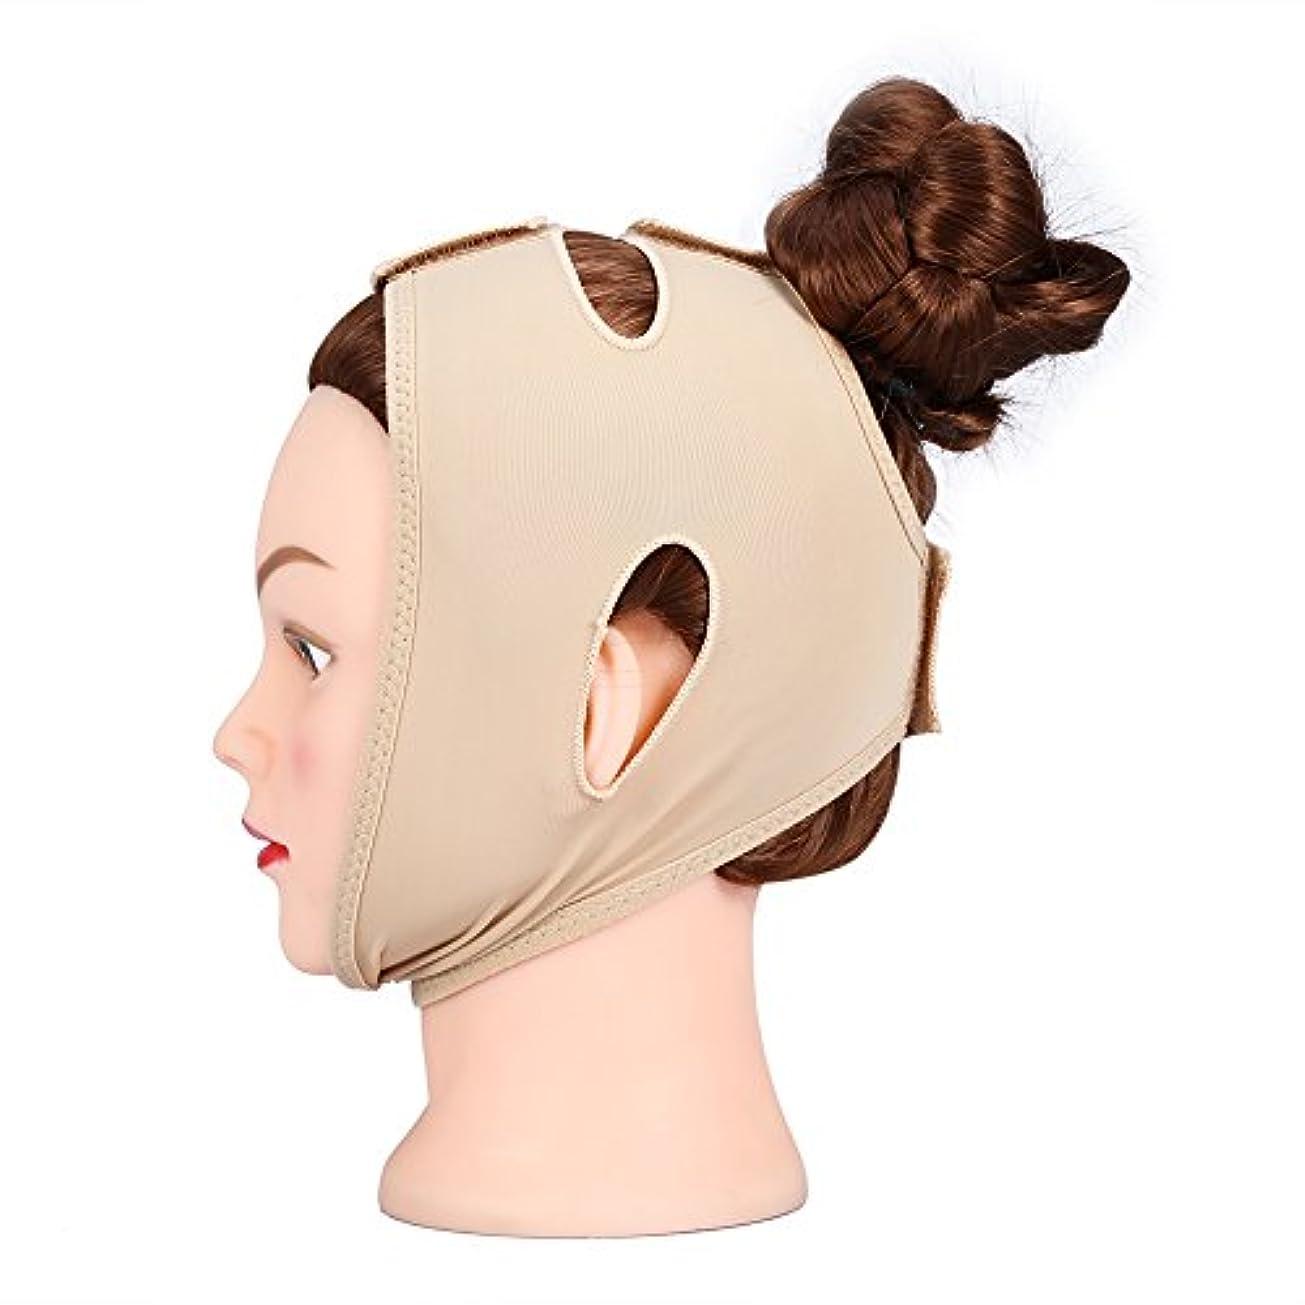 痩身フェイスバンド、痩身フェイスマスク、フェイスリフトマスク、睡眠首マスク、二重あご包帯を減らす(M)